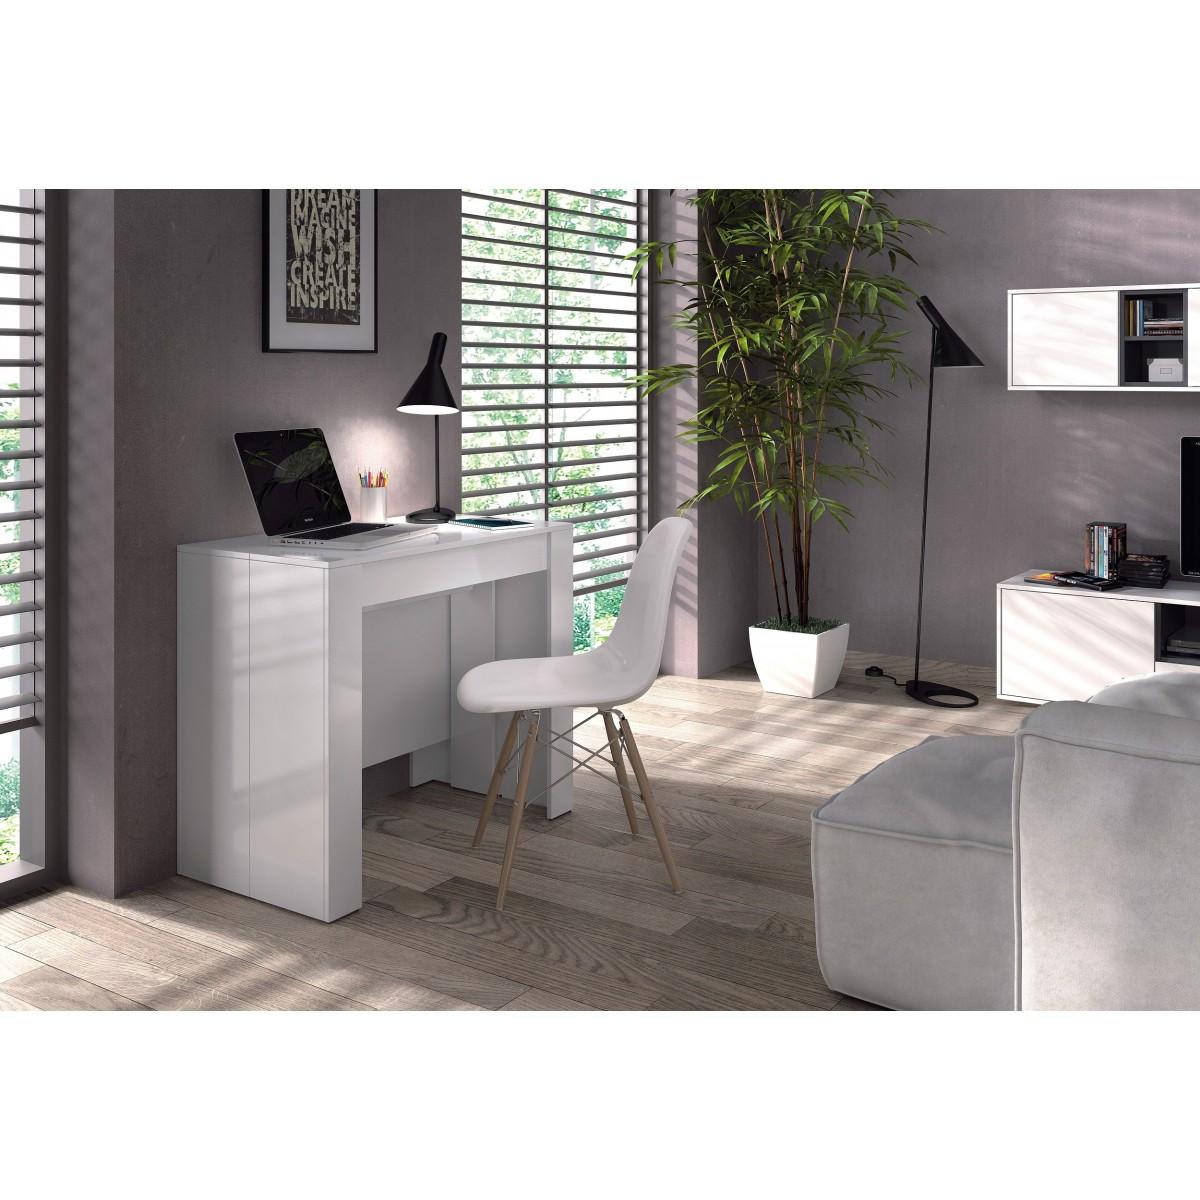 Mesa comedor consola extensible 5 posiciones mubeko - Mesas de comedor pequenas y extensibles ...